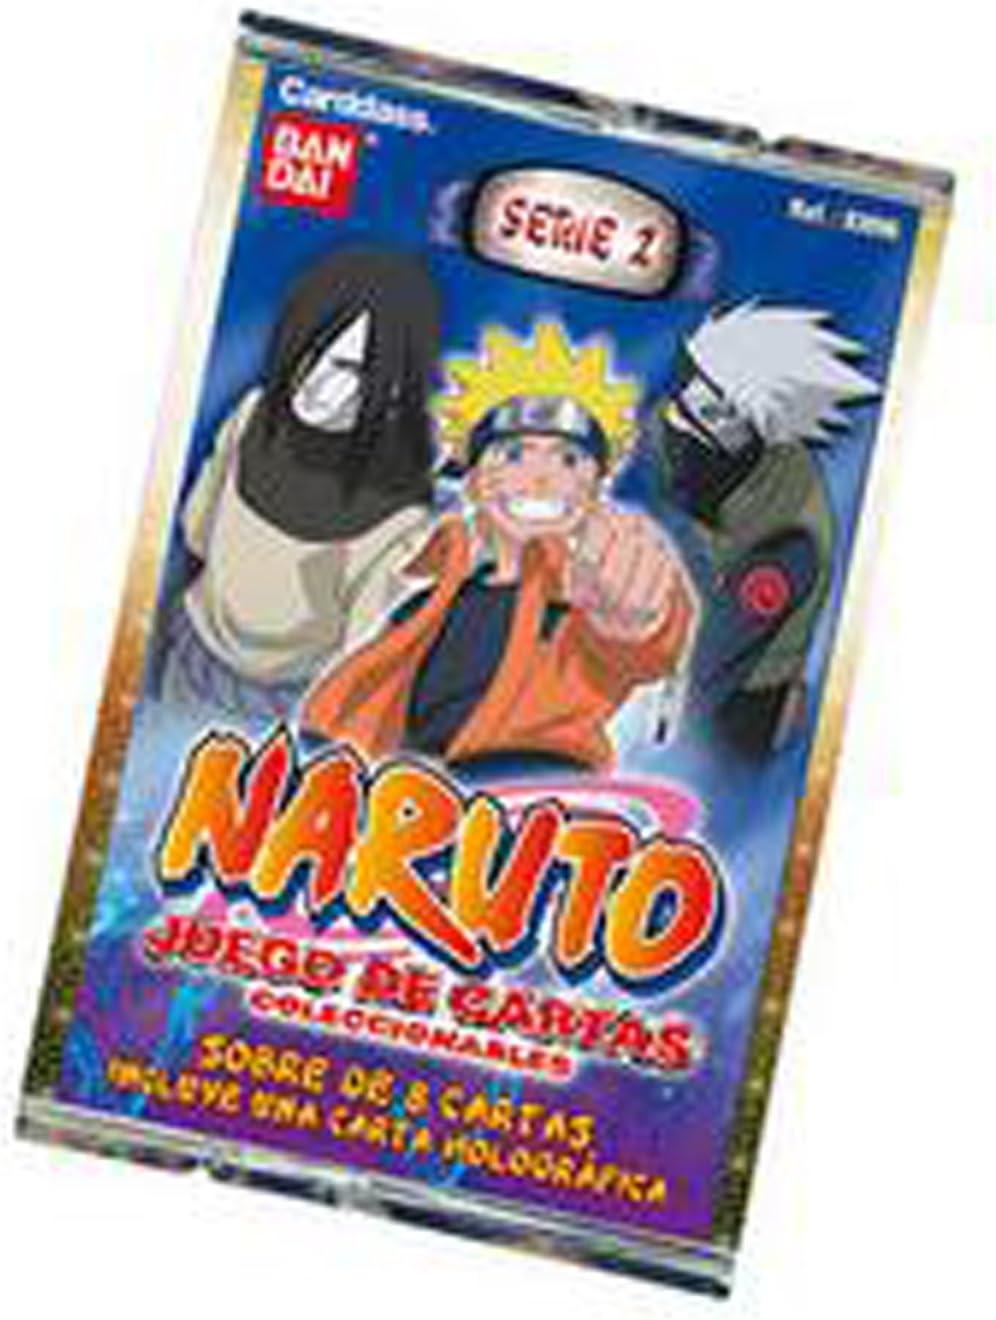 Bandai Sobres Ampliacion Naruto Serie: Amazon.es: Juguetes y juegos